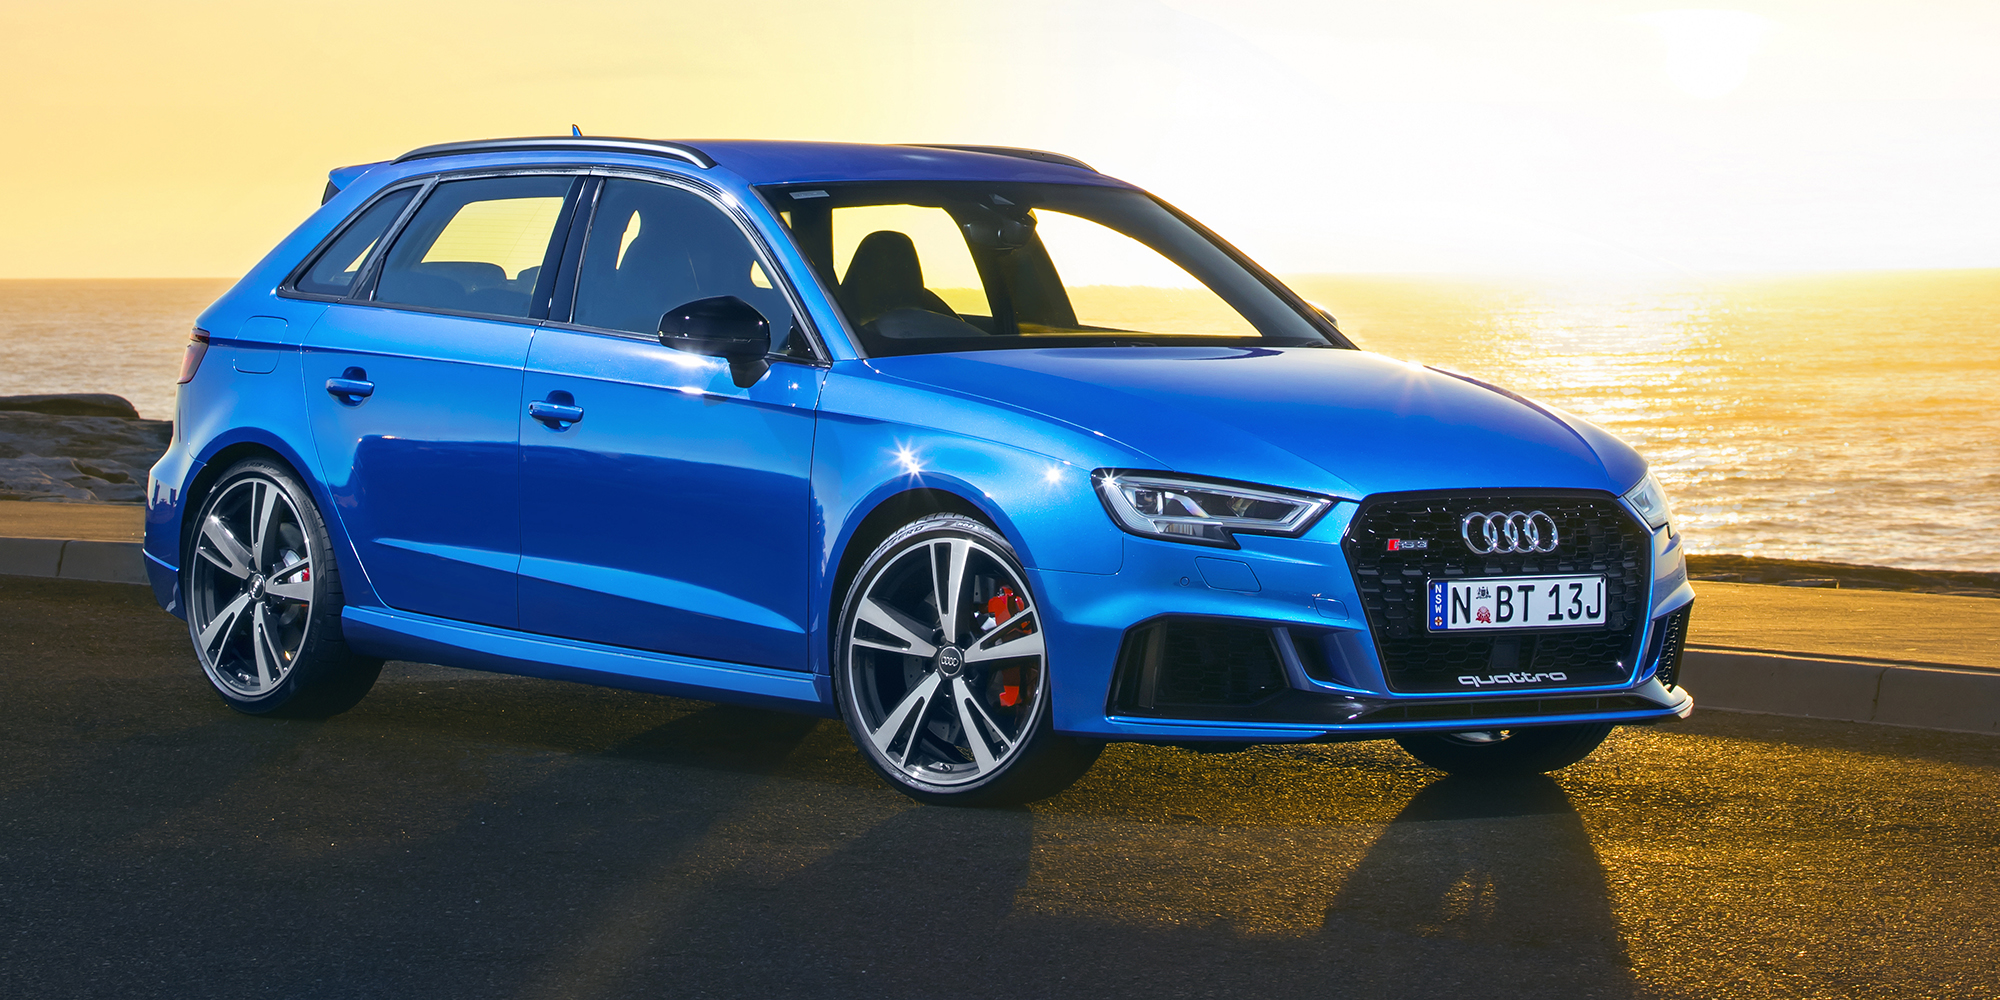 Kelebihan Kekurangan Audi R3 Spesifikasi